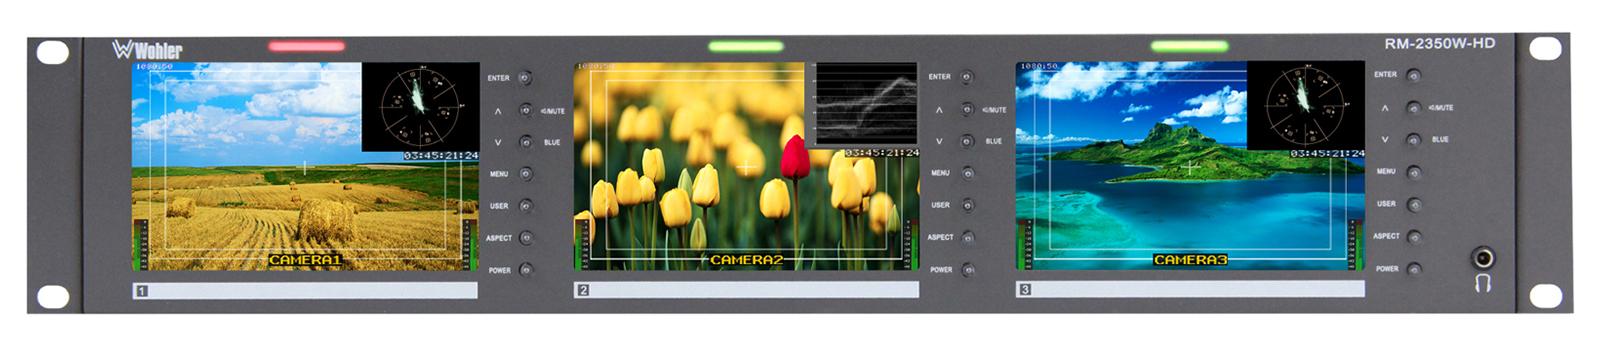 RM-2350W-HD